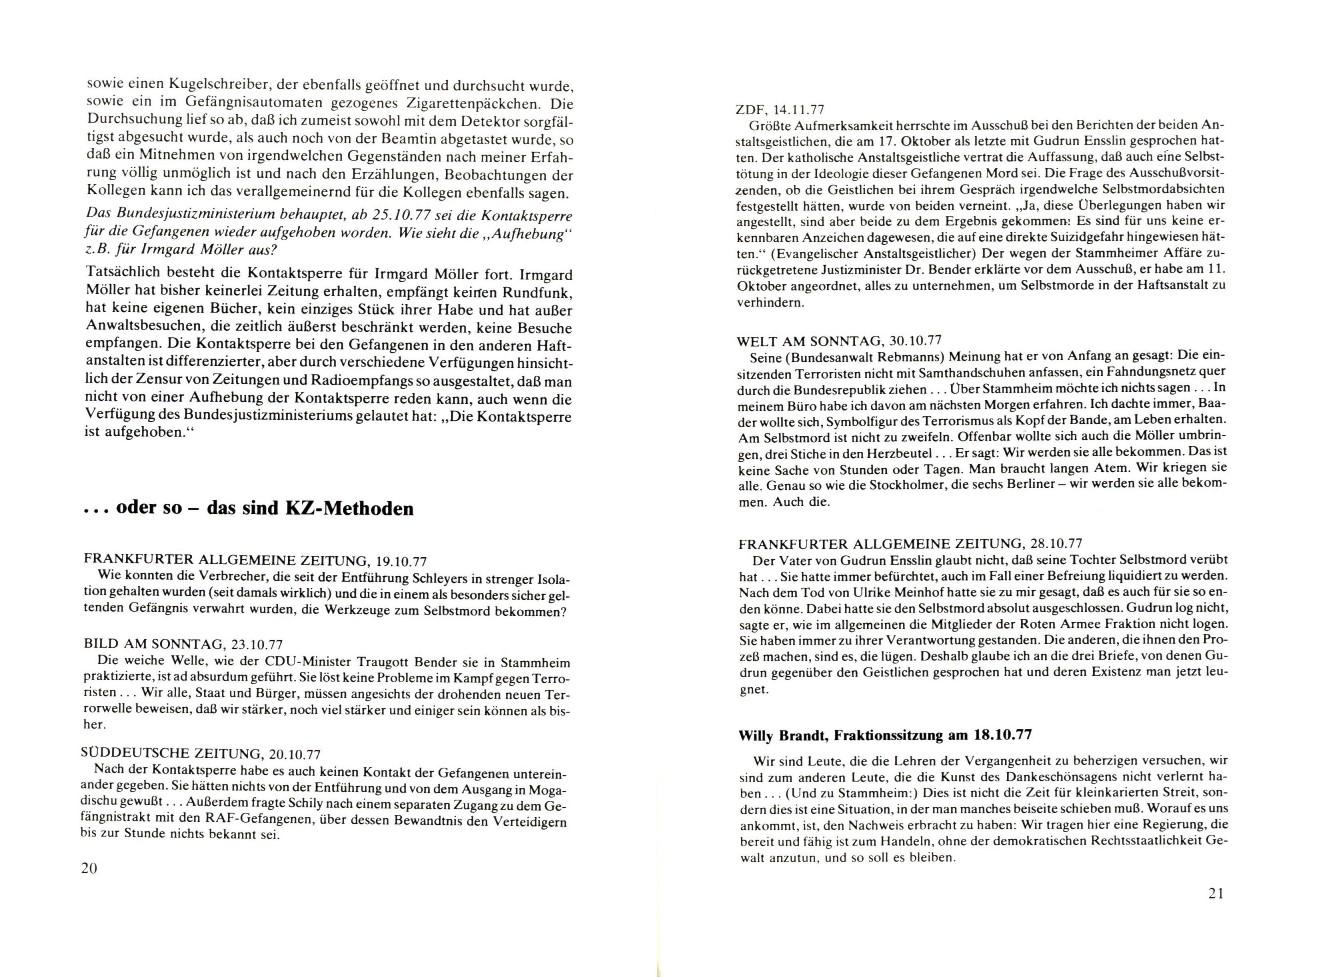 KBW_1977_Kontaktsperregesetz_11